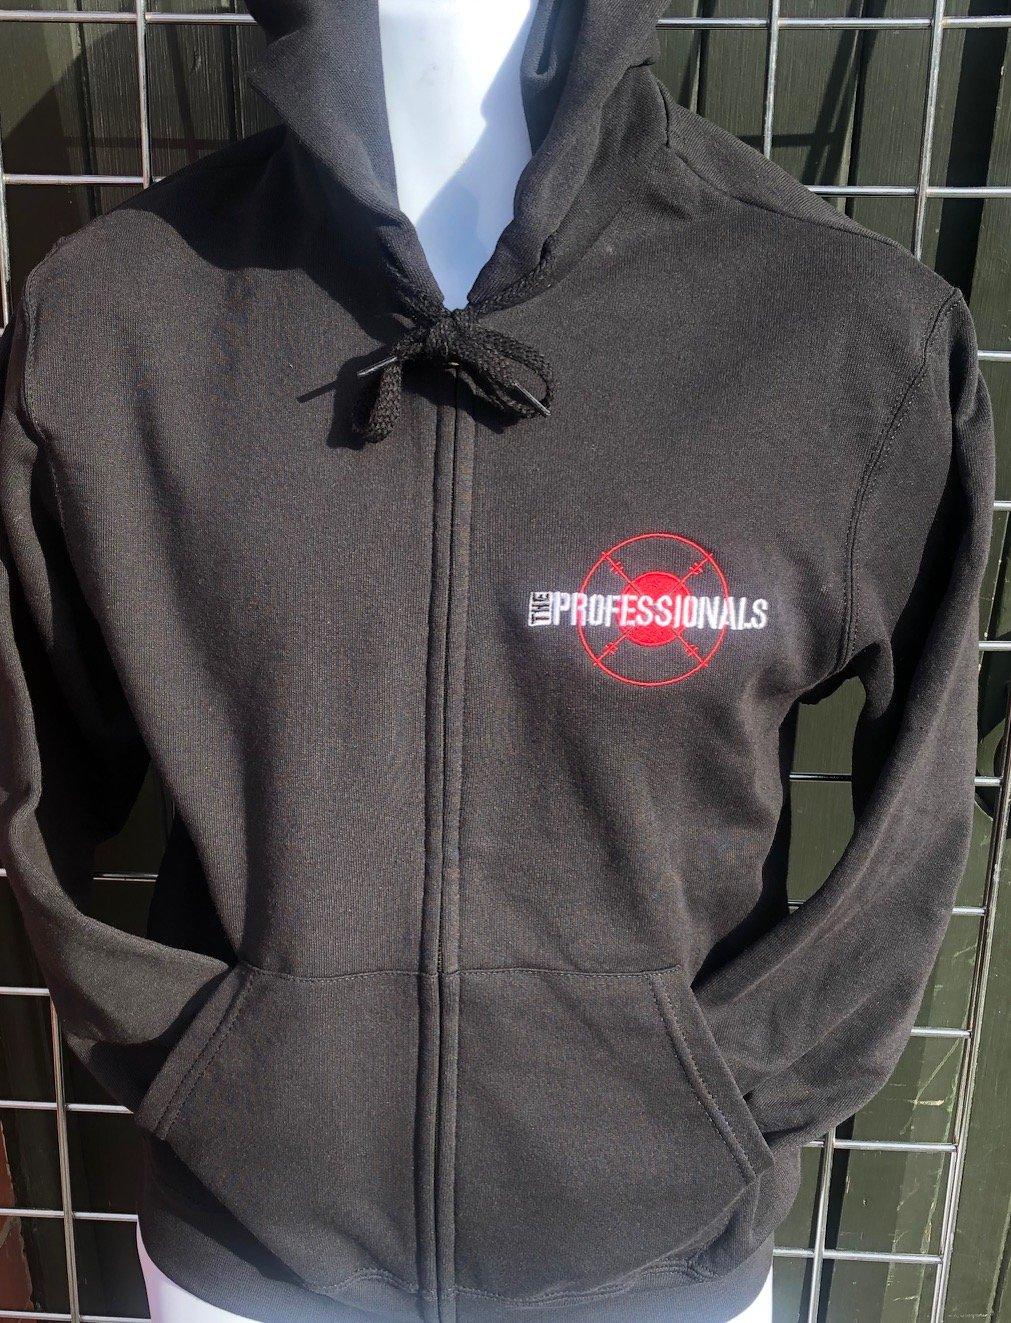 Image of The PROFESSIONALS 'Target' Design Black Zip Front Hoodie Sweatshirt